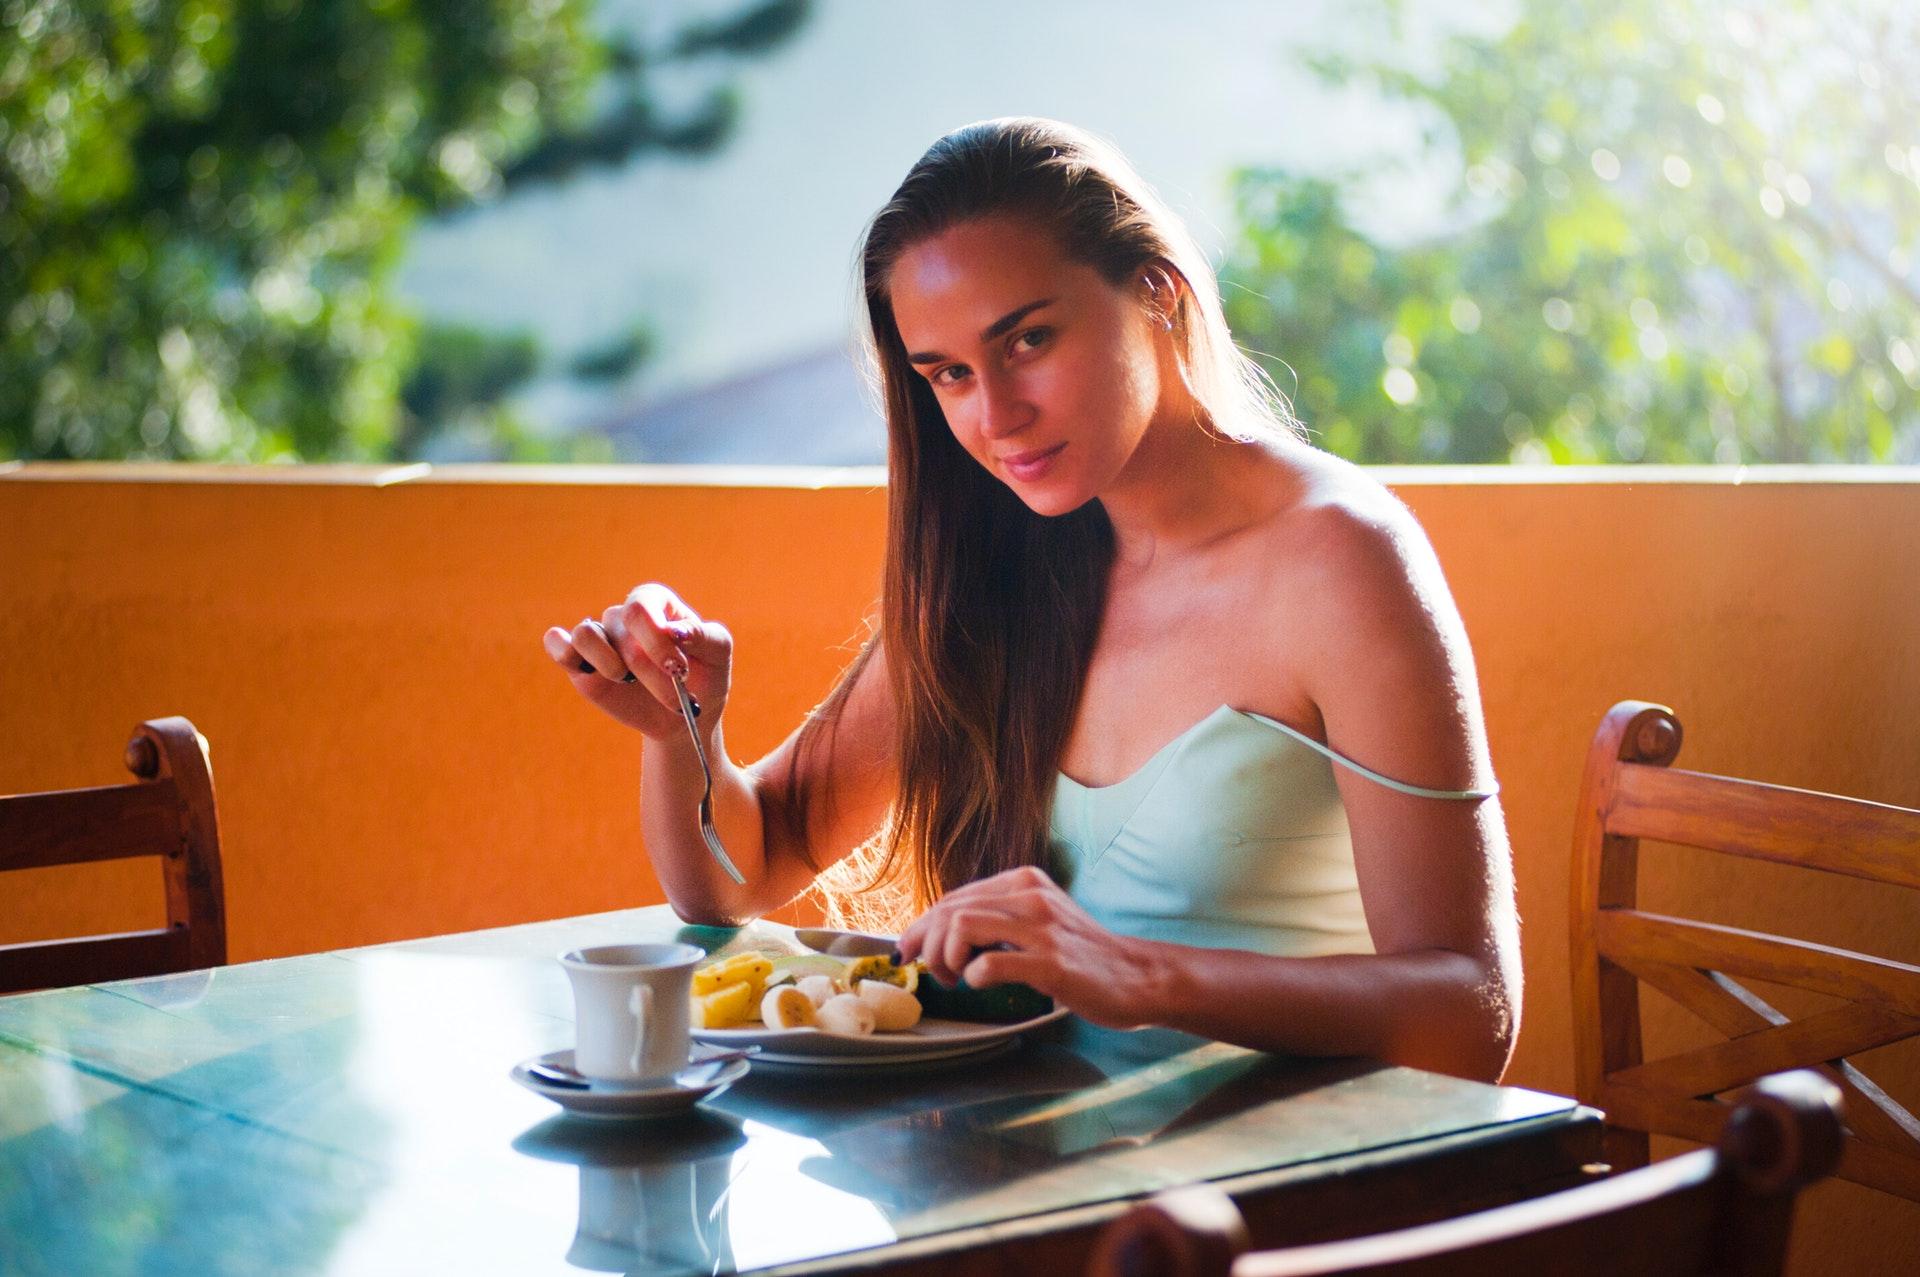 20 อาหารจากธรรมชาติที่มีคอลลาเจนสูง